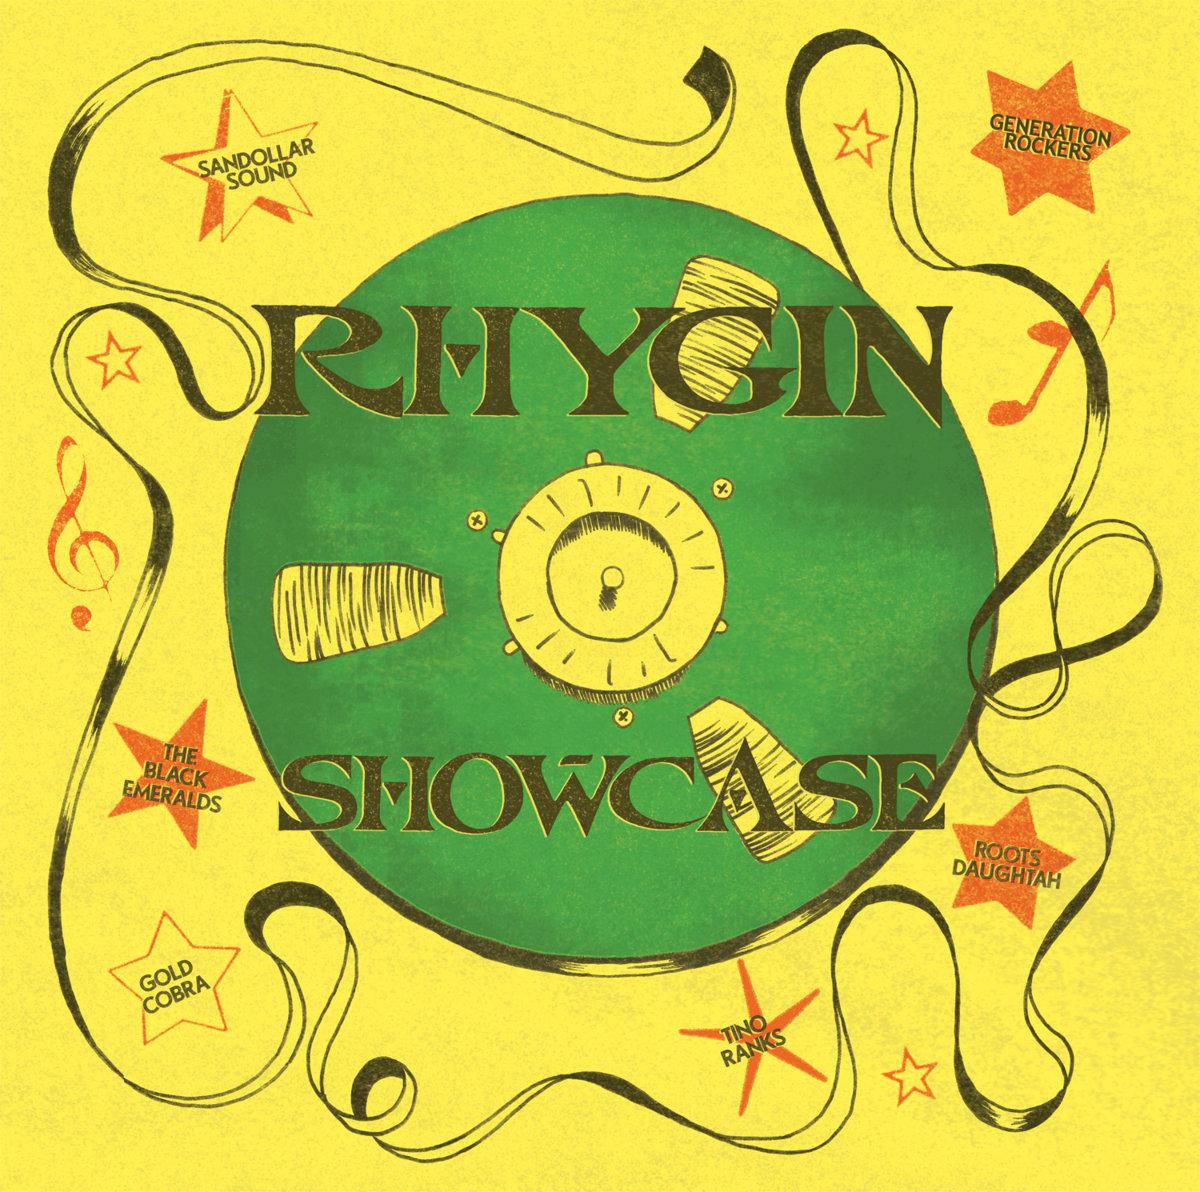 Rhygin Showcase | Rhygin Records